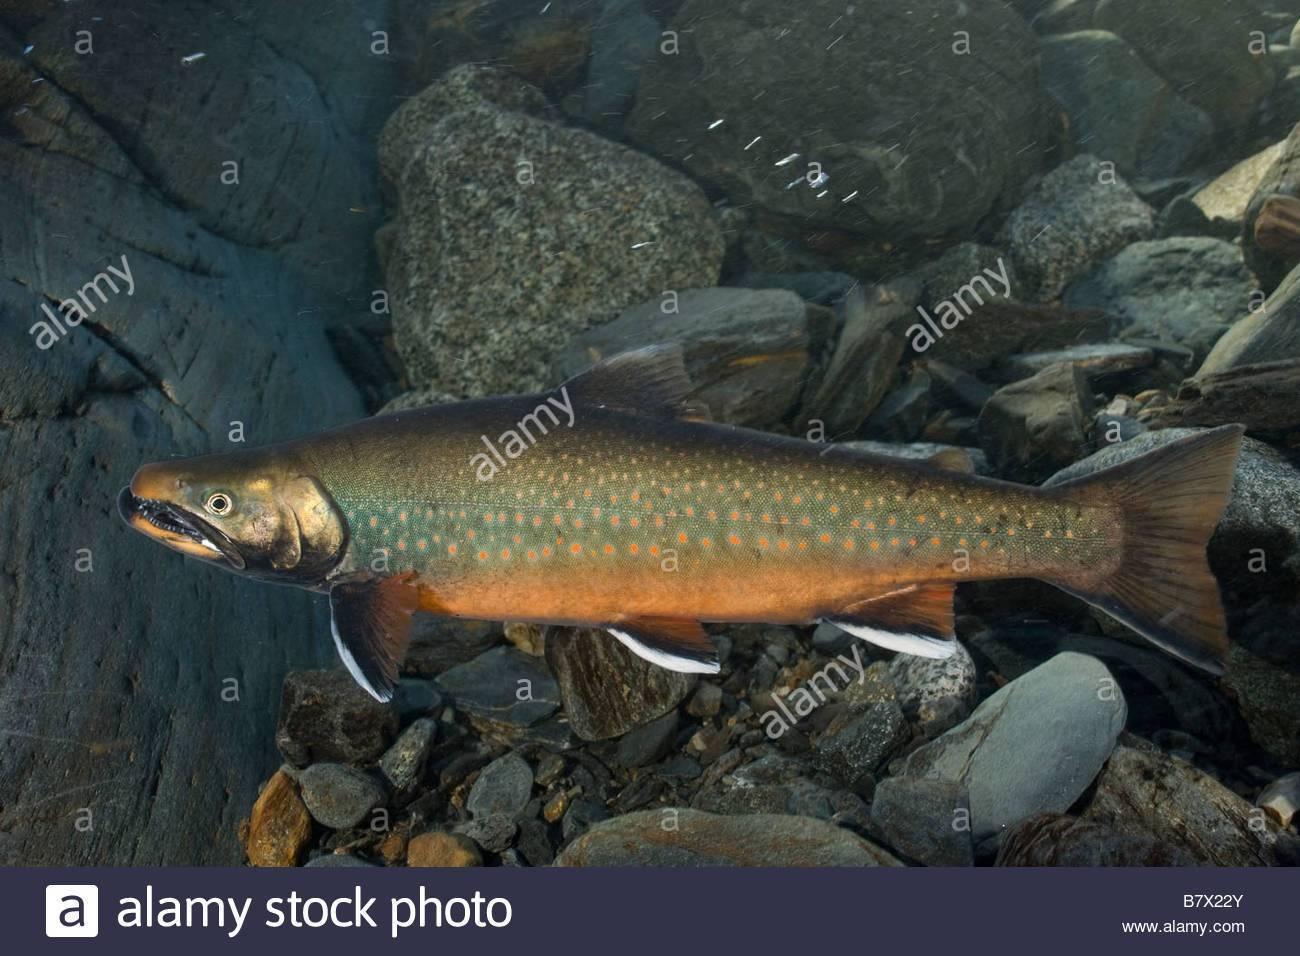 Рыба нельма описание и фото | все о нельме в деталях